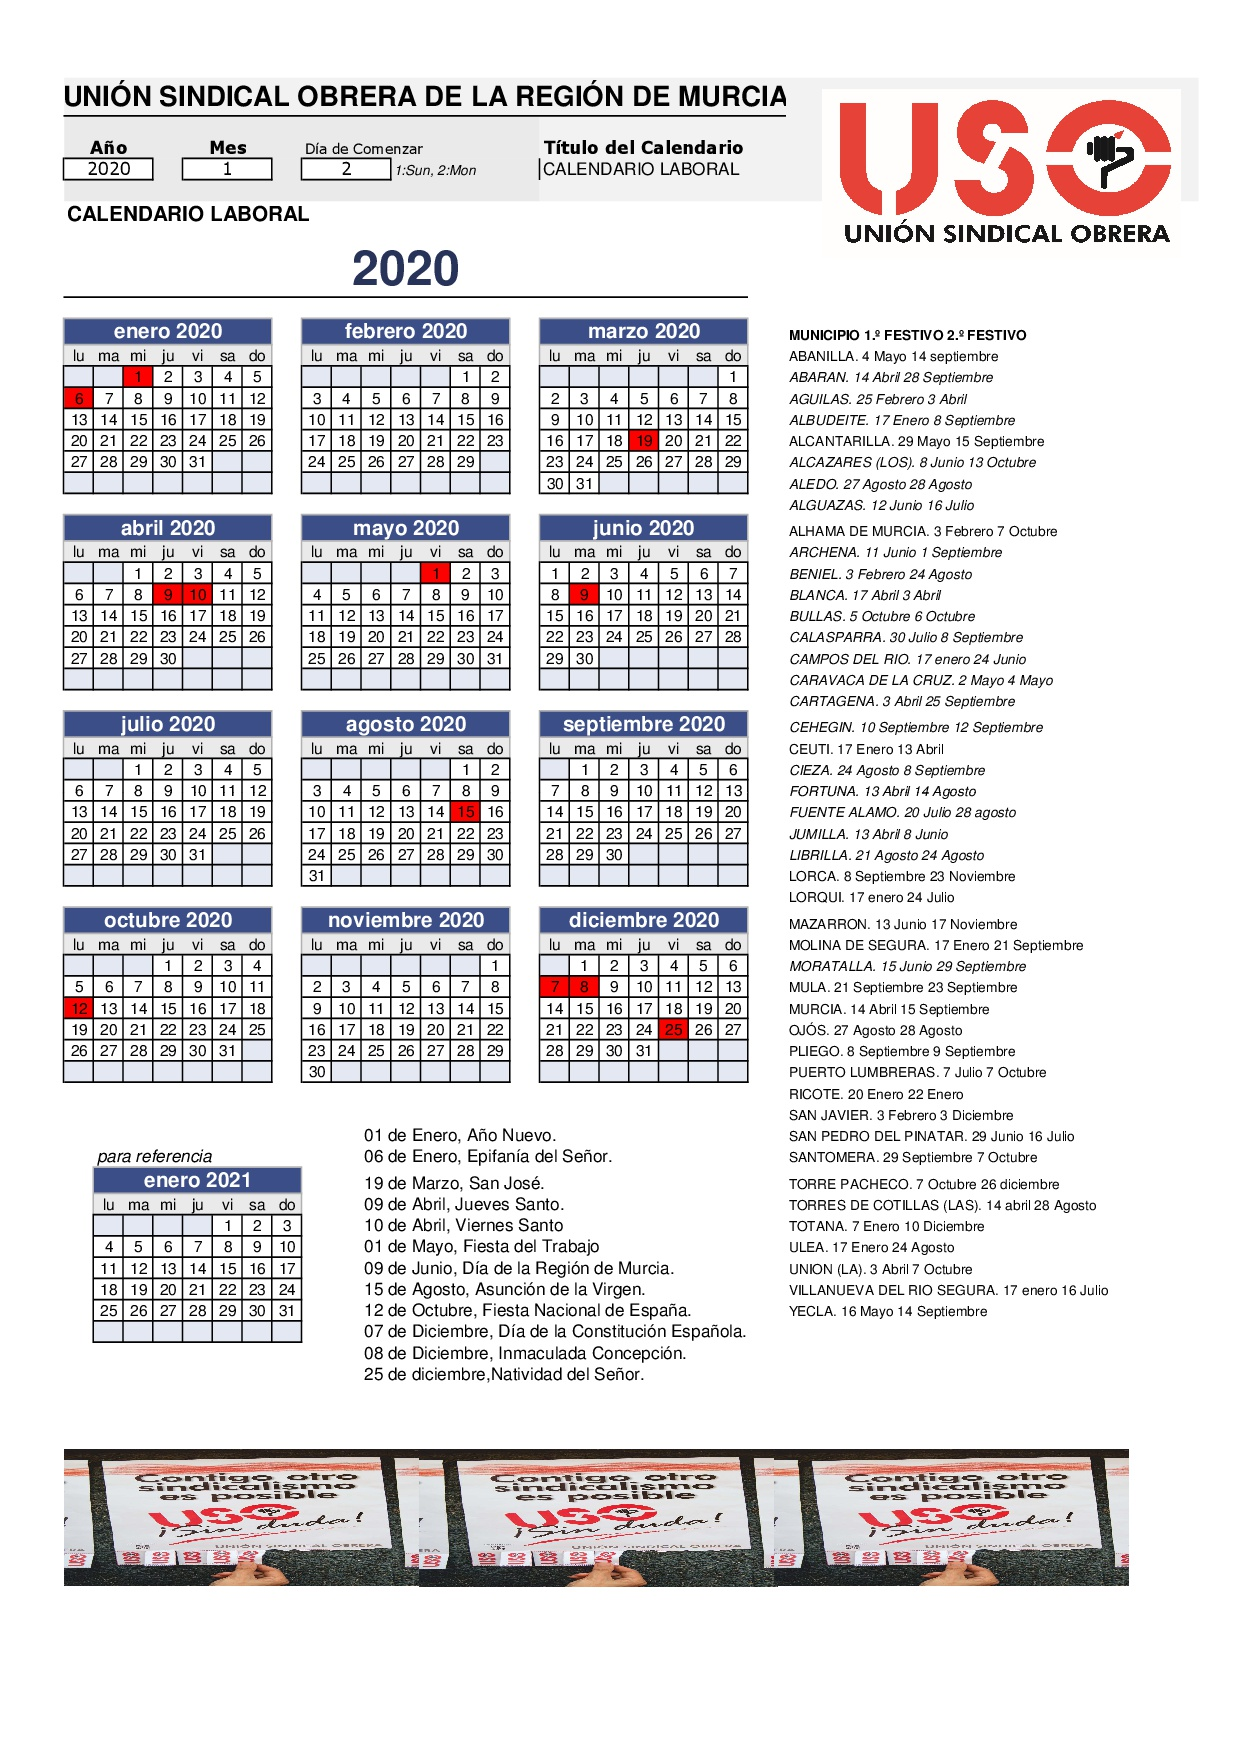 Calendario Agosto 2020 Espana.Calendario Laboral De 2020 Para Los Municipios De La Region